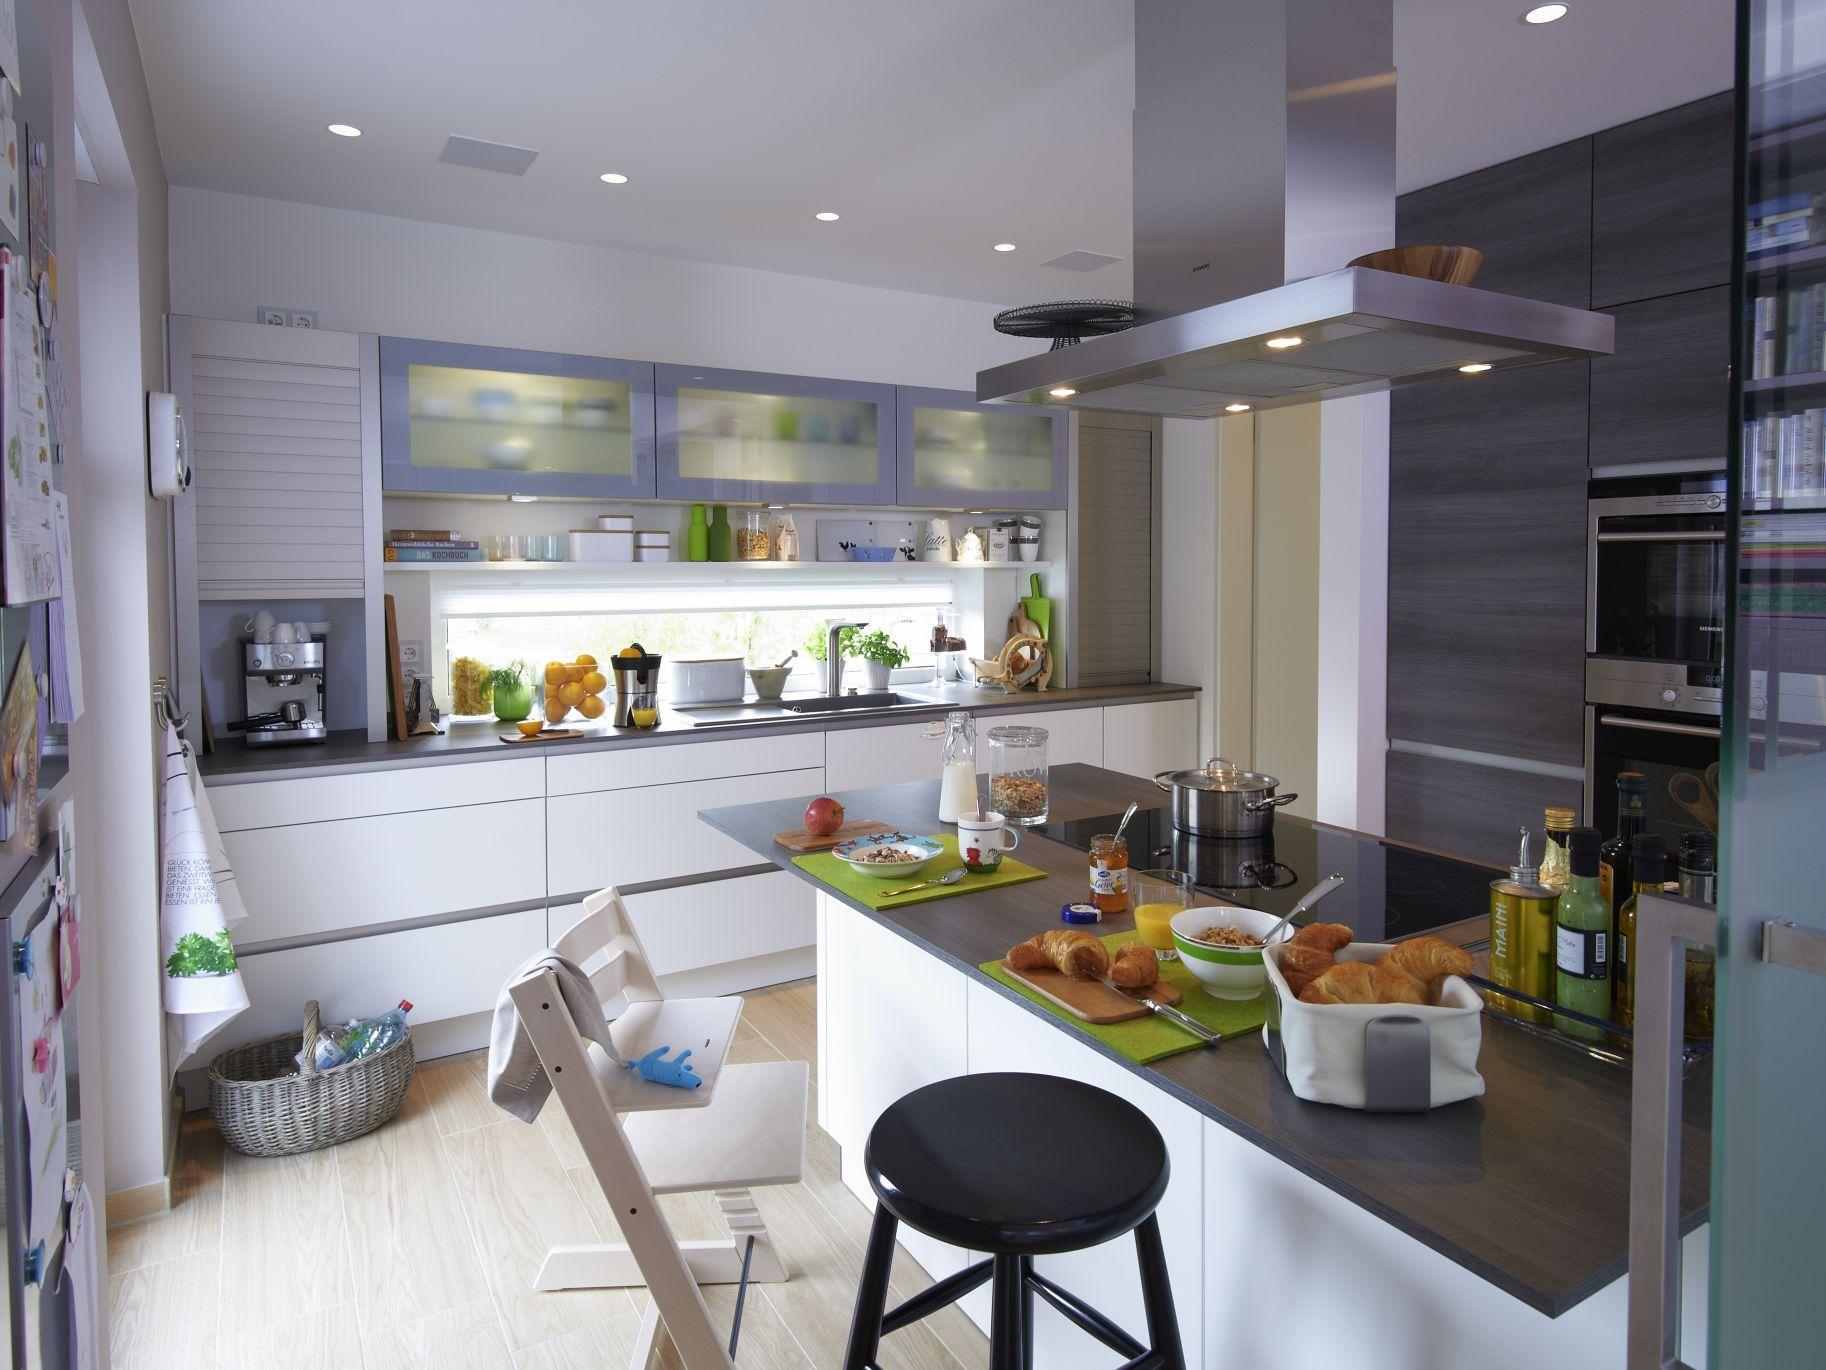 Edition 425 WOHNIDEE-Haus - Familienhaus zum Wohlfühlen | Haus Ideen ...